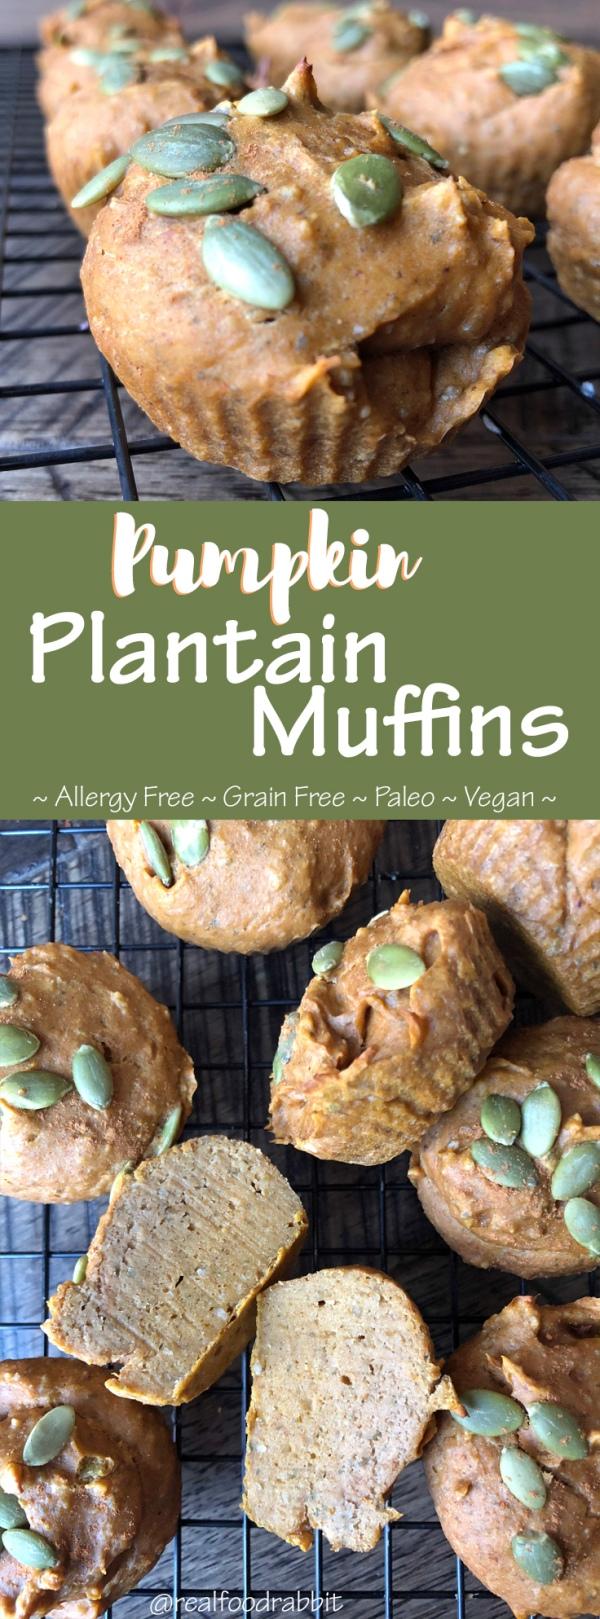 Pumpkin Plantain Muffins.jpg